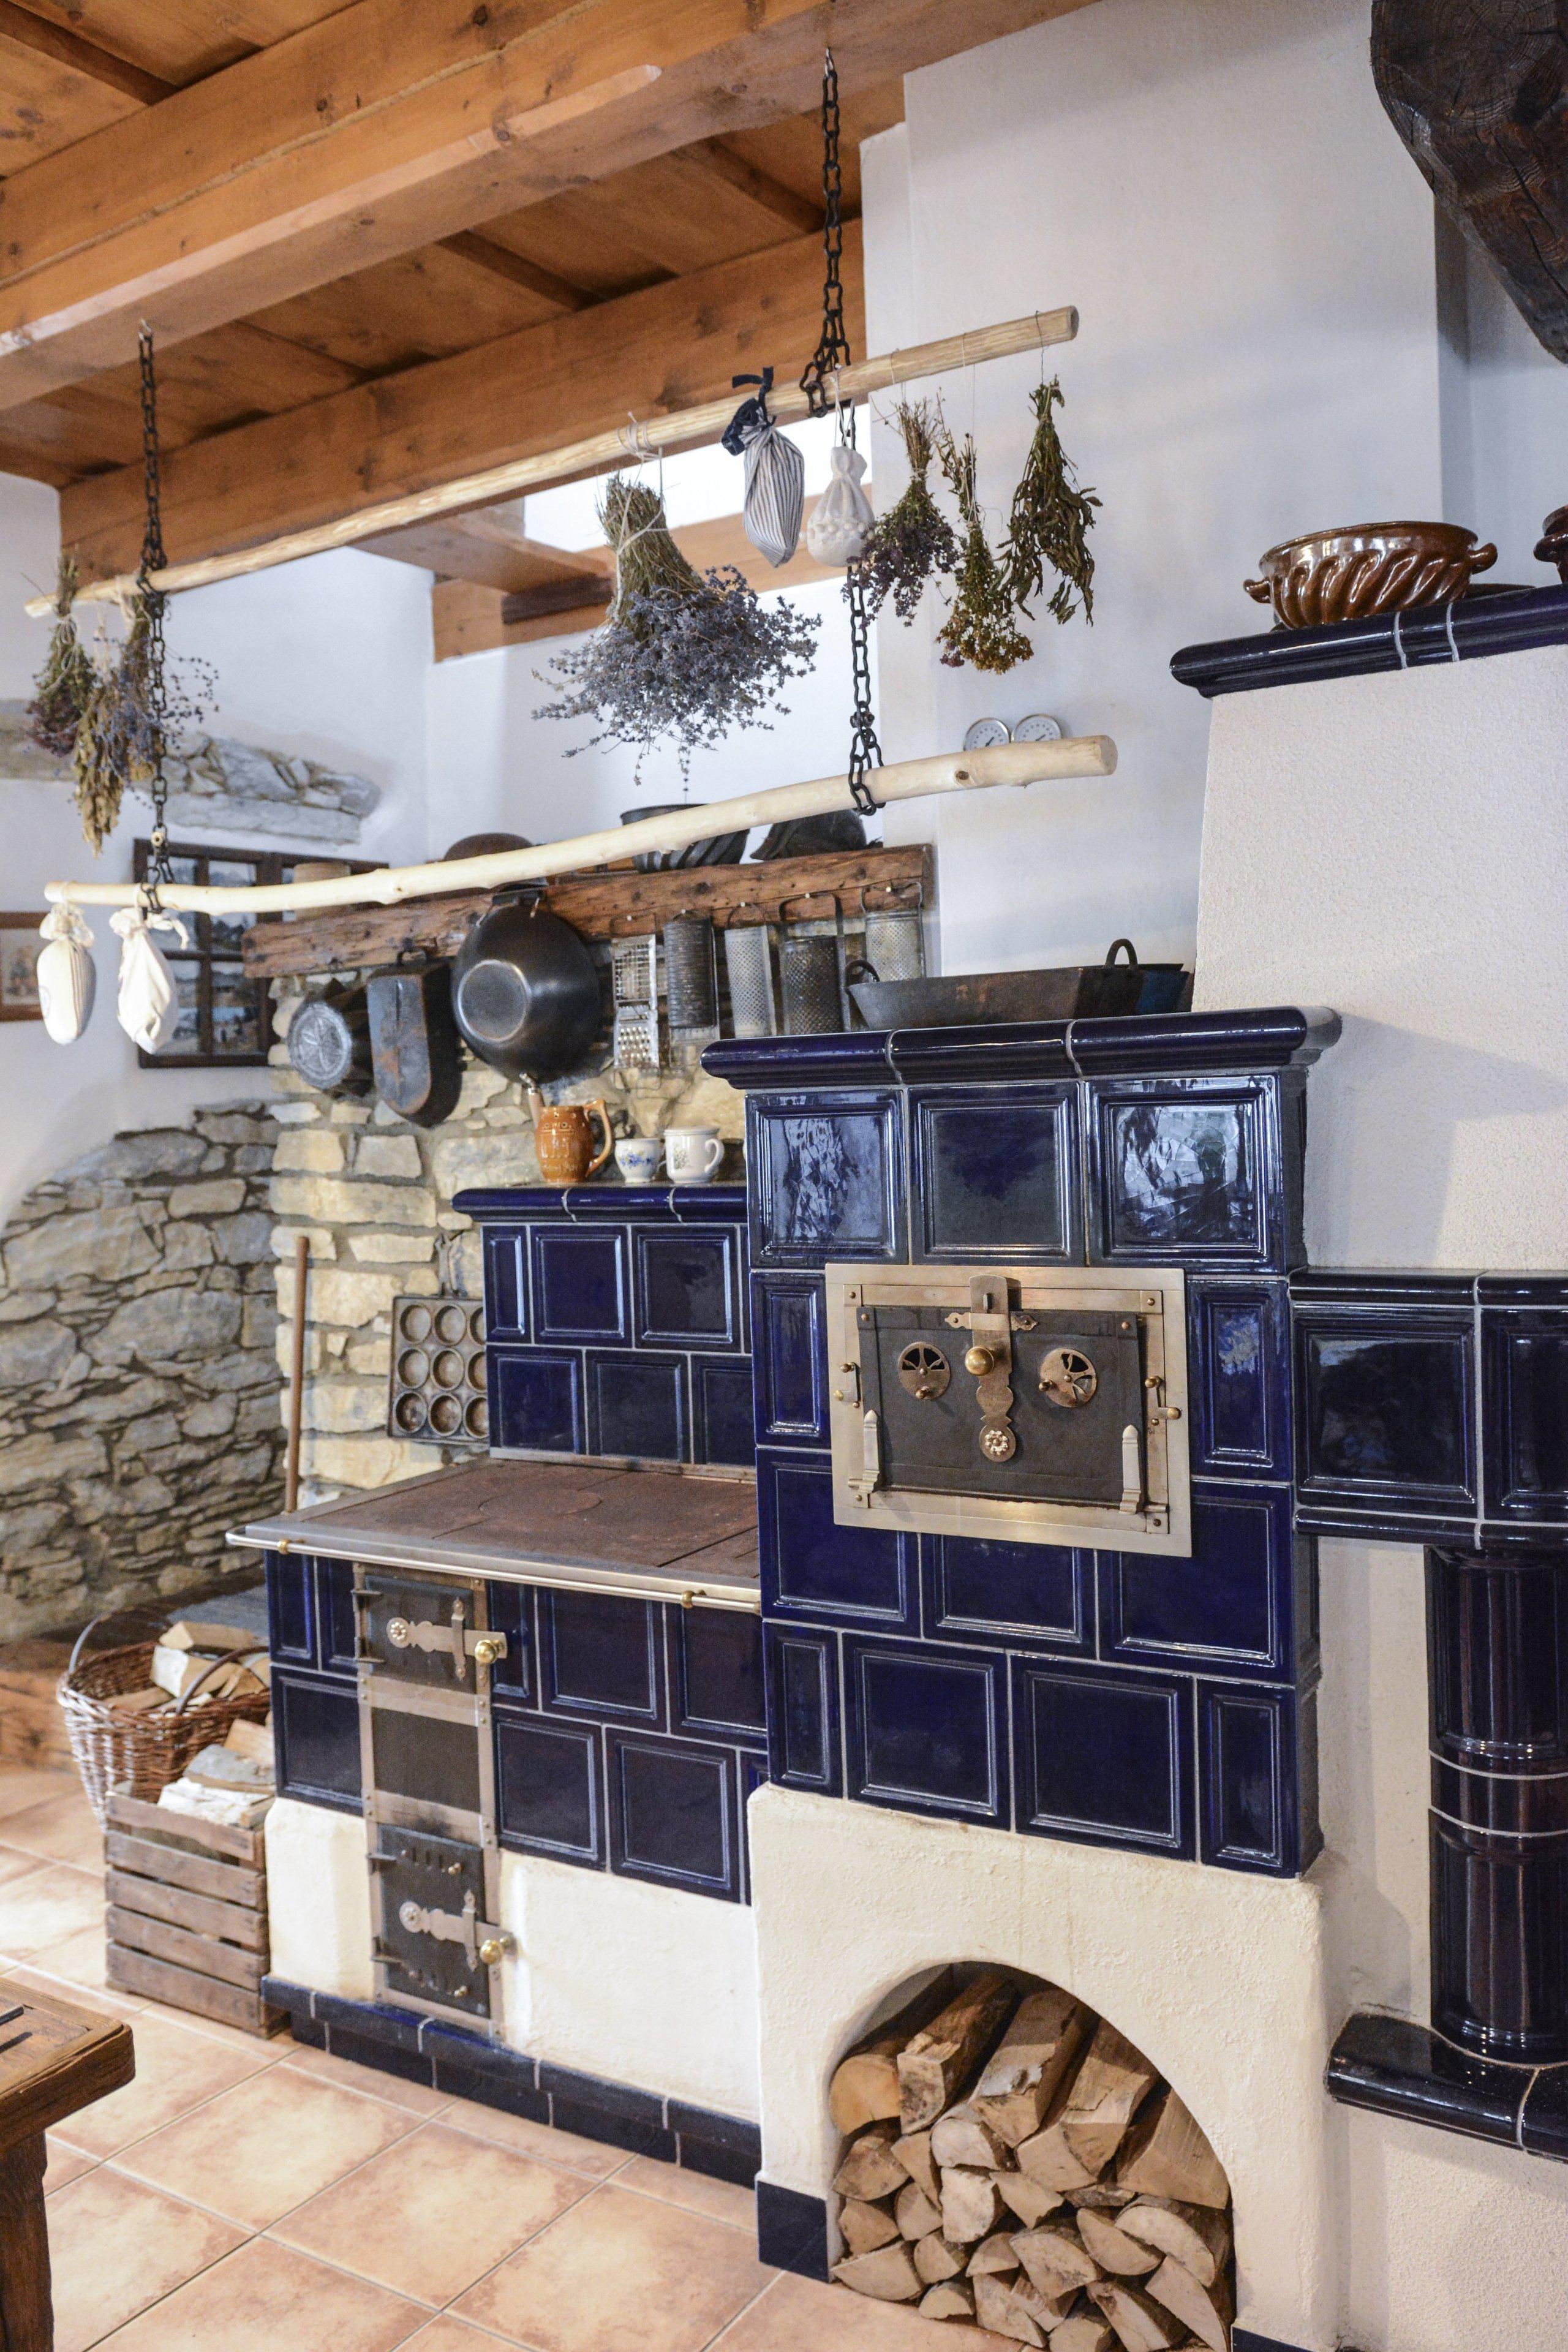 Kachlová kamna se sporákem a pecí postavené Jaromírem Jauernigem. Kachle jsou od K&K POKER, kamnářství Bechyně, typ Rámečeks kobaltově modrou…